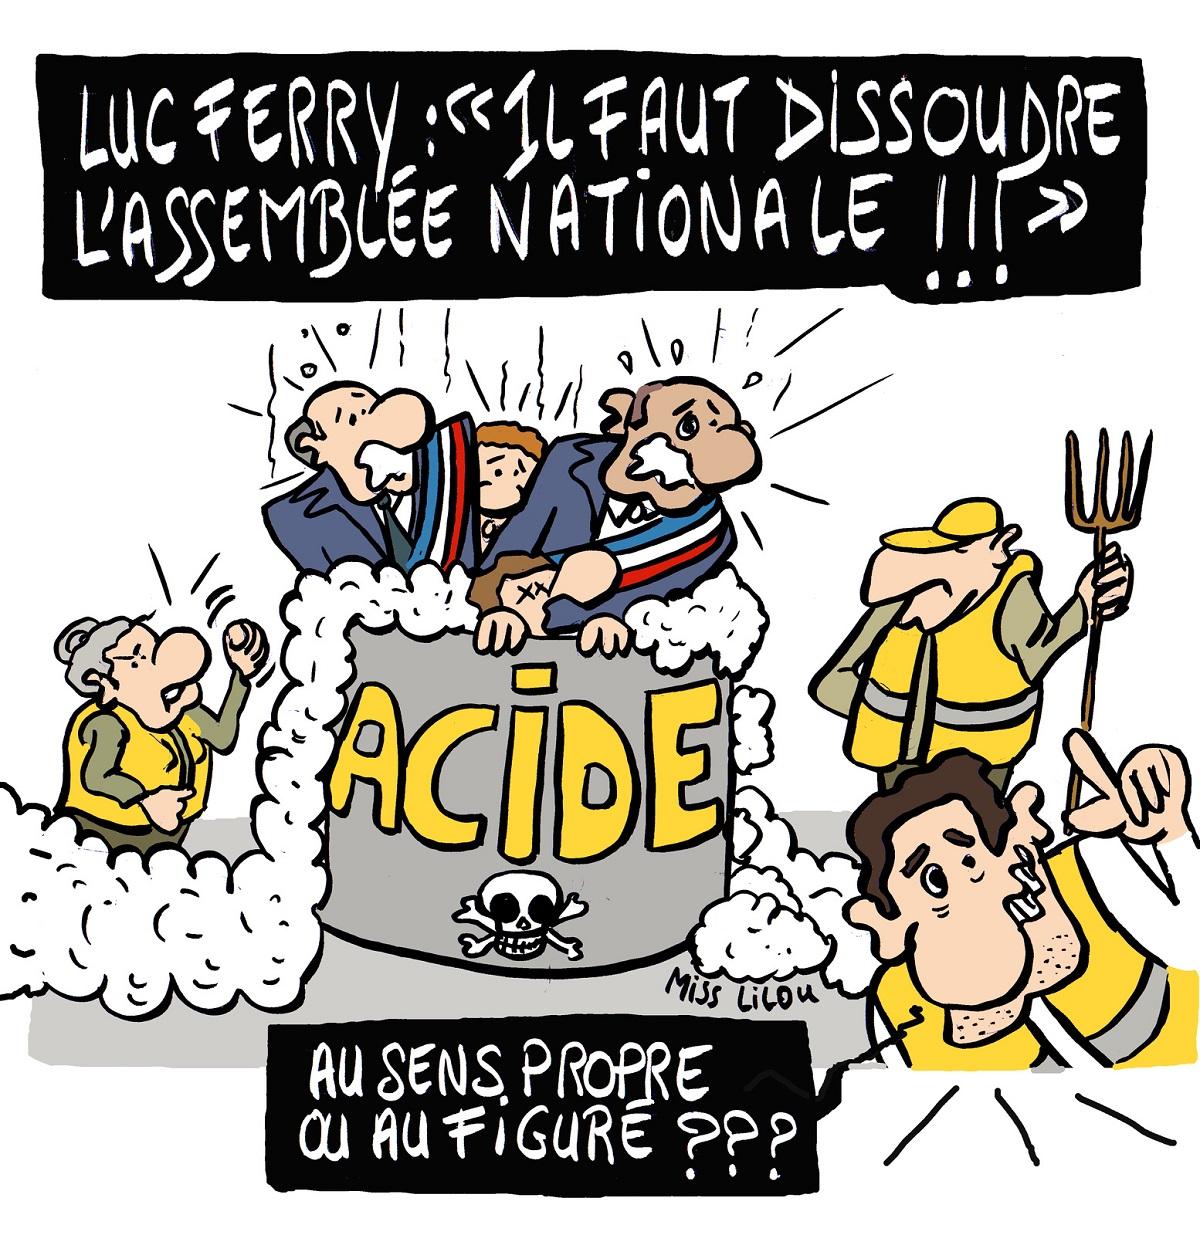 dessin d'actualité humoristique sur la proposition de Luc Ferry de dissoudre l'Assemblée Nationale